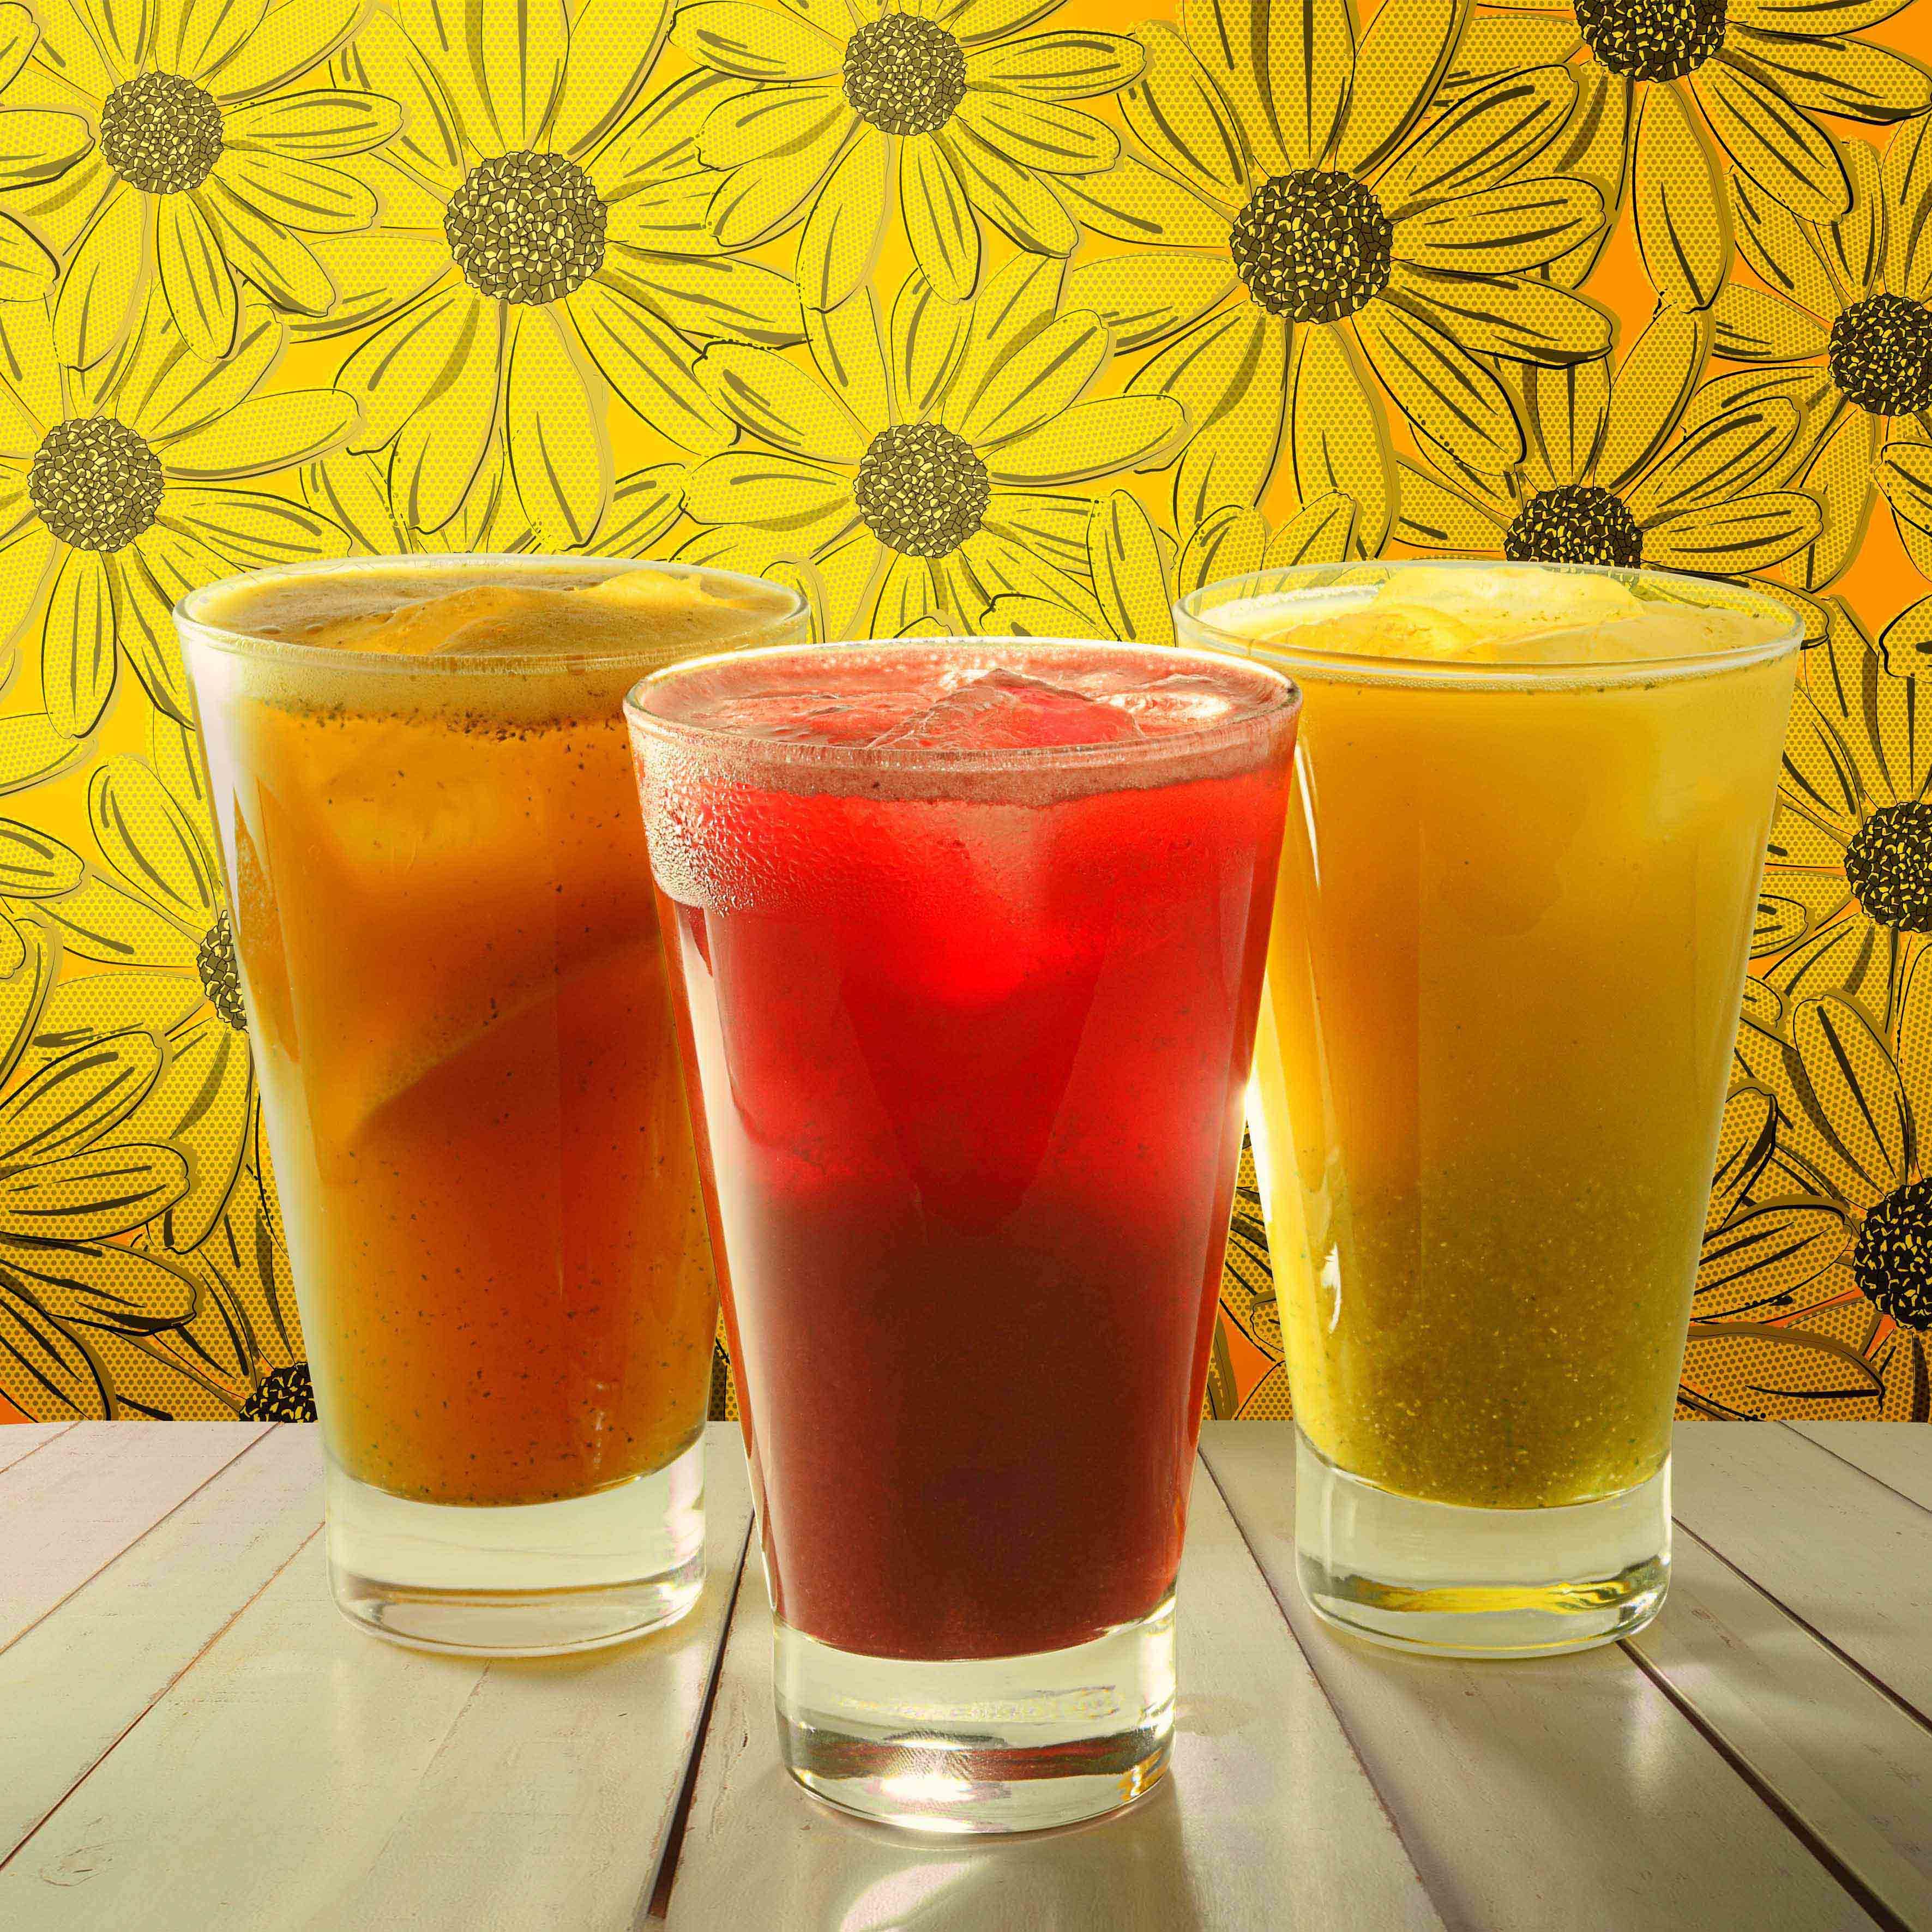 Tim tim saudável: as sugestões de chá gelado da chef Nanda de Lamare